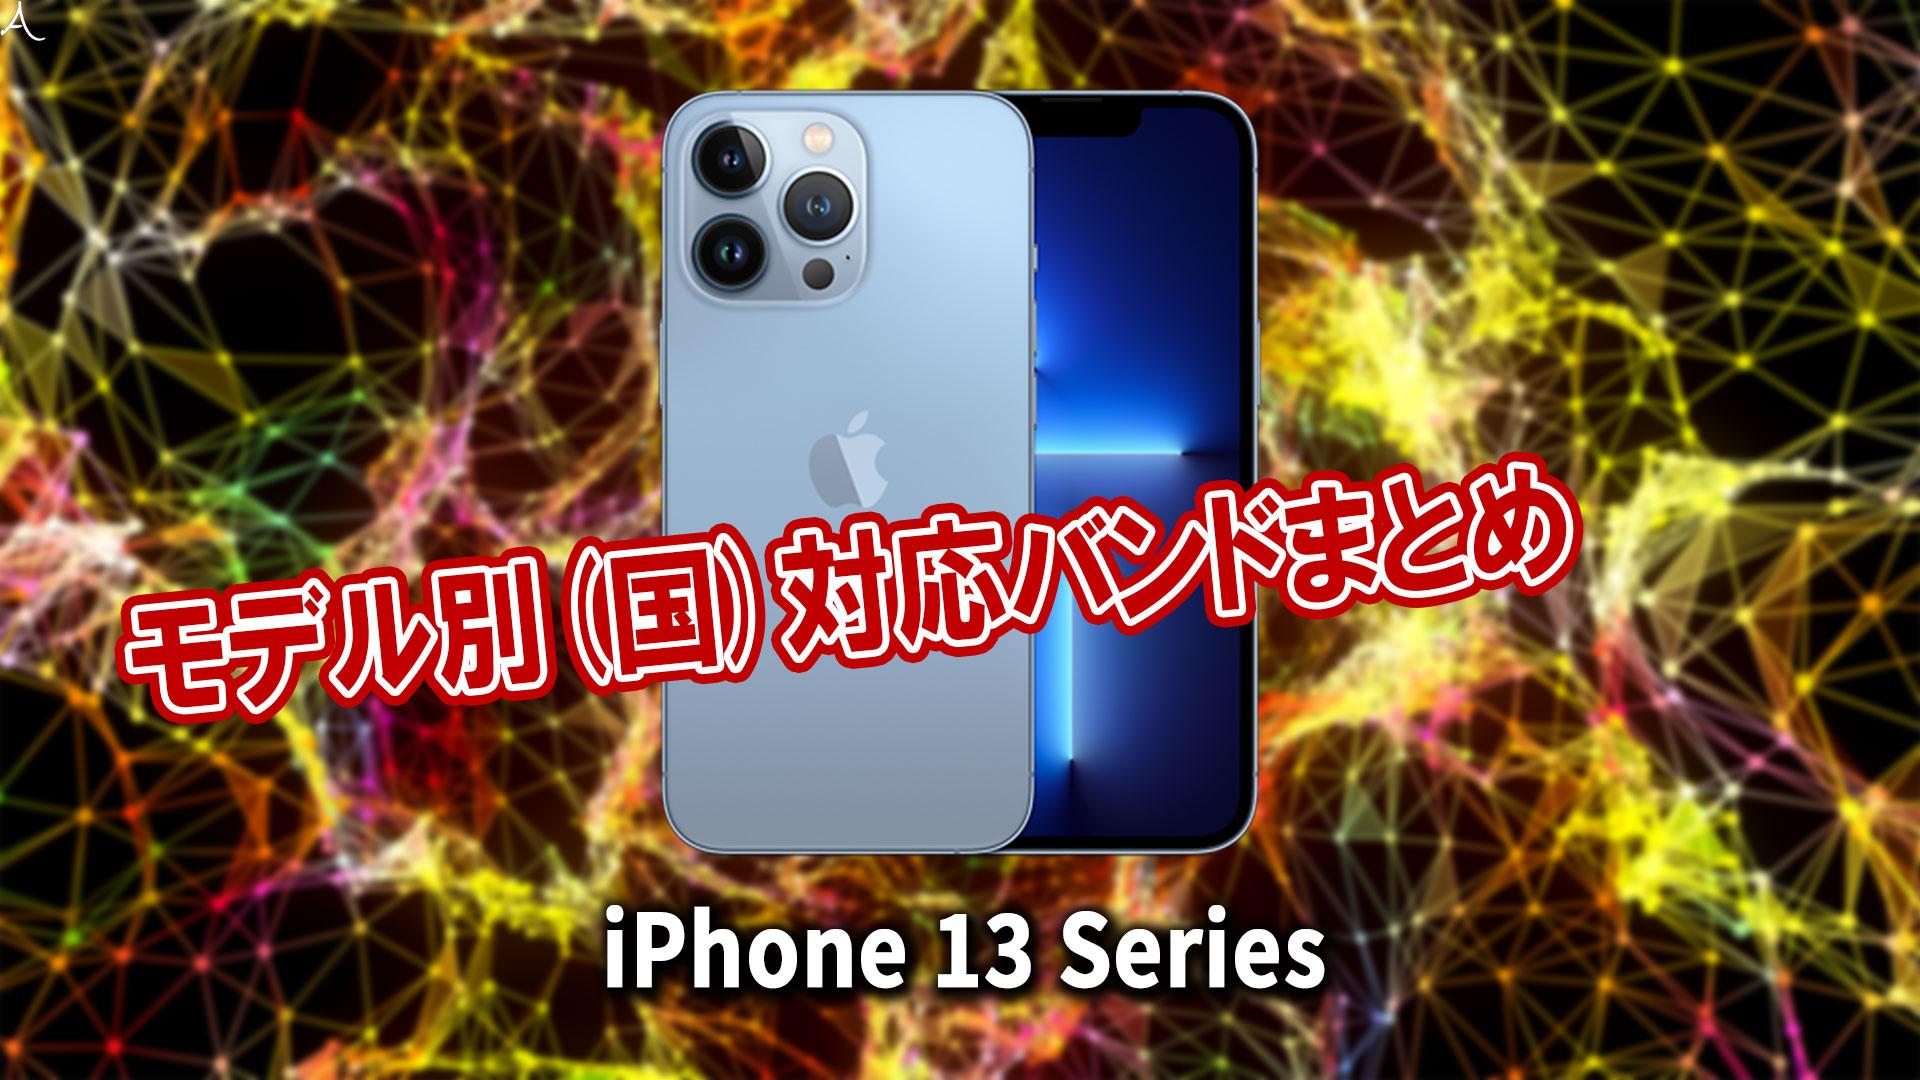 「iPhone 13」シリーズの4G/5G対応バンドまとめ - ミリ波には対応してる?